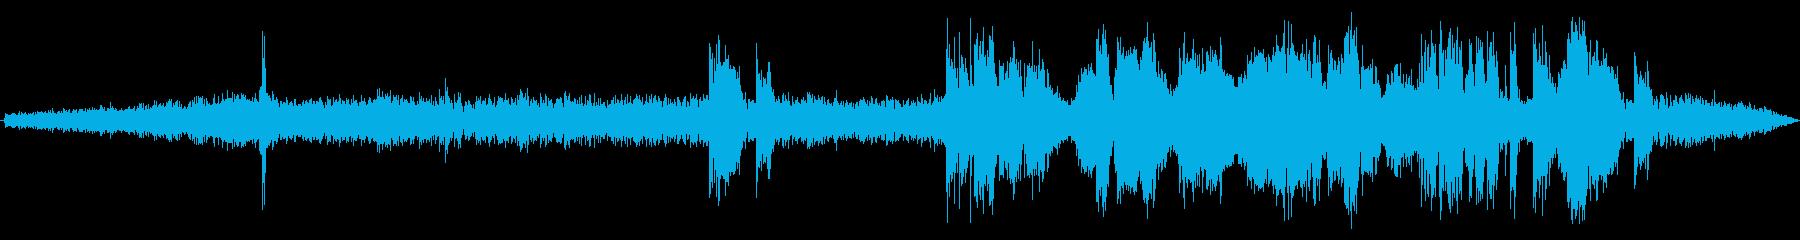 電子レンジの金属オブジェクトアーク...の再生済みの波形